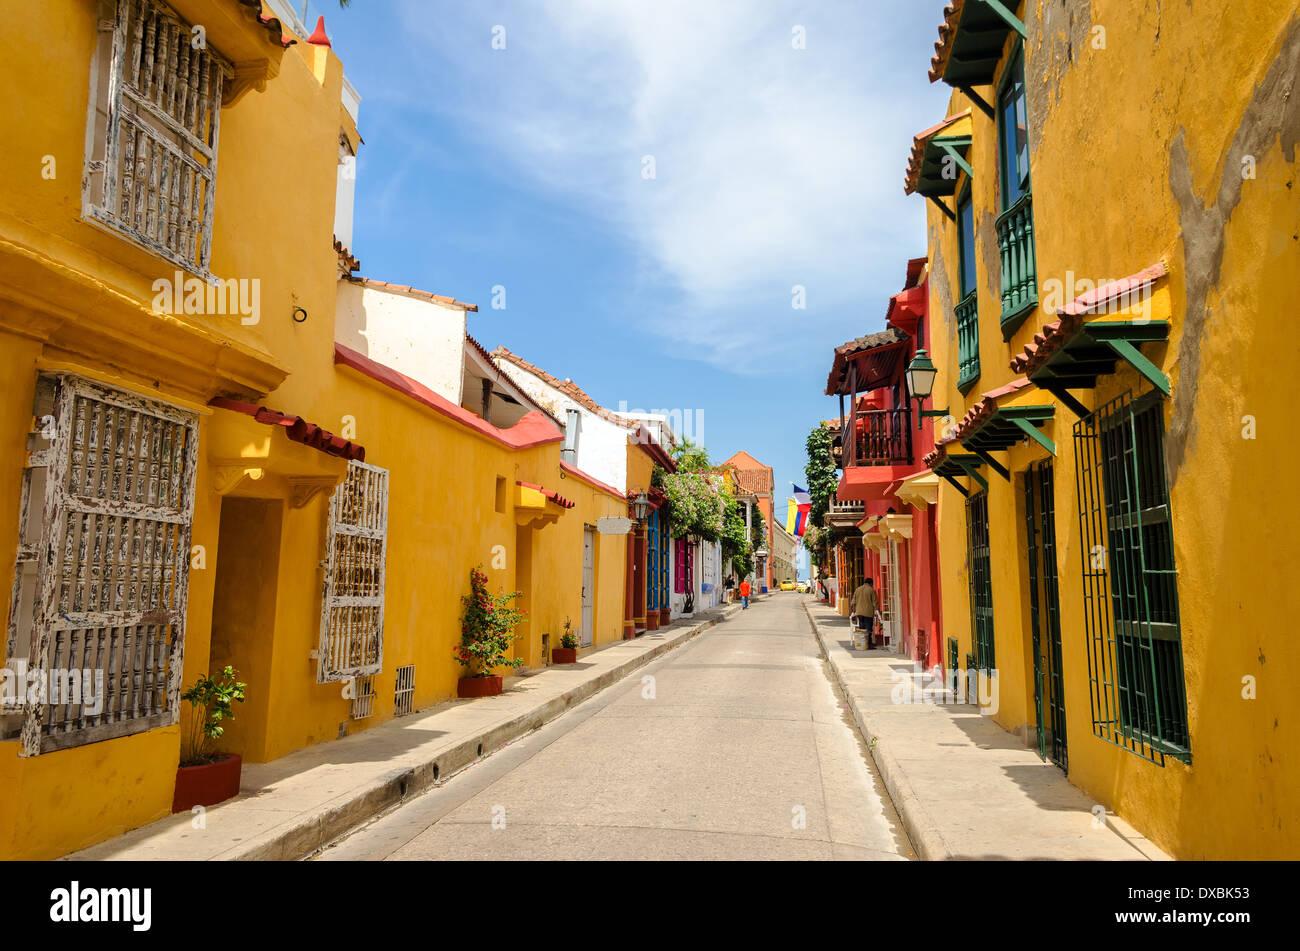 Calle típica escena en Cartagena, Colombia de una calle con viejas casas coloniales históricos a cada lado Imagen De Stock